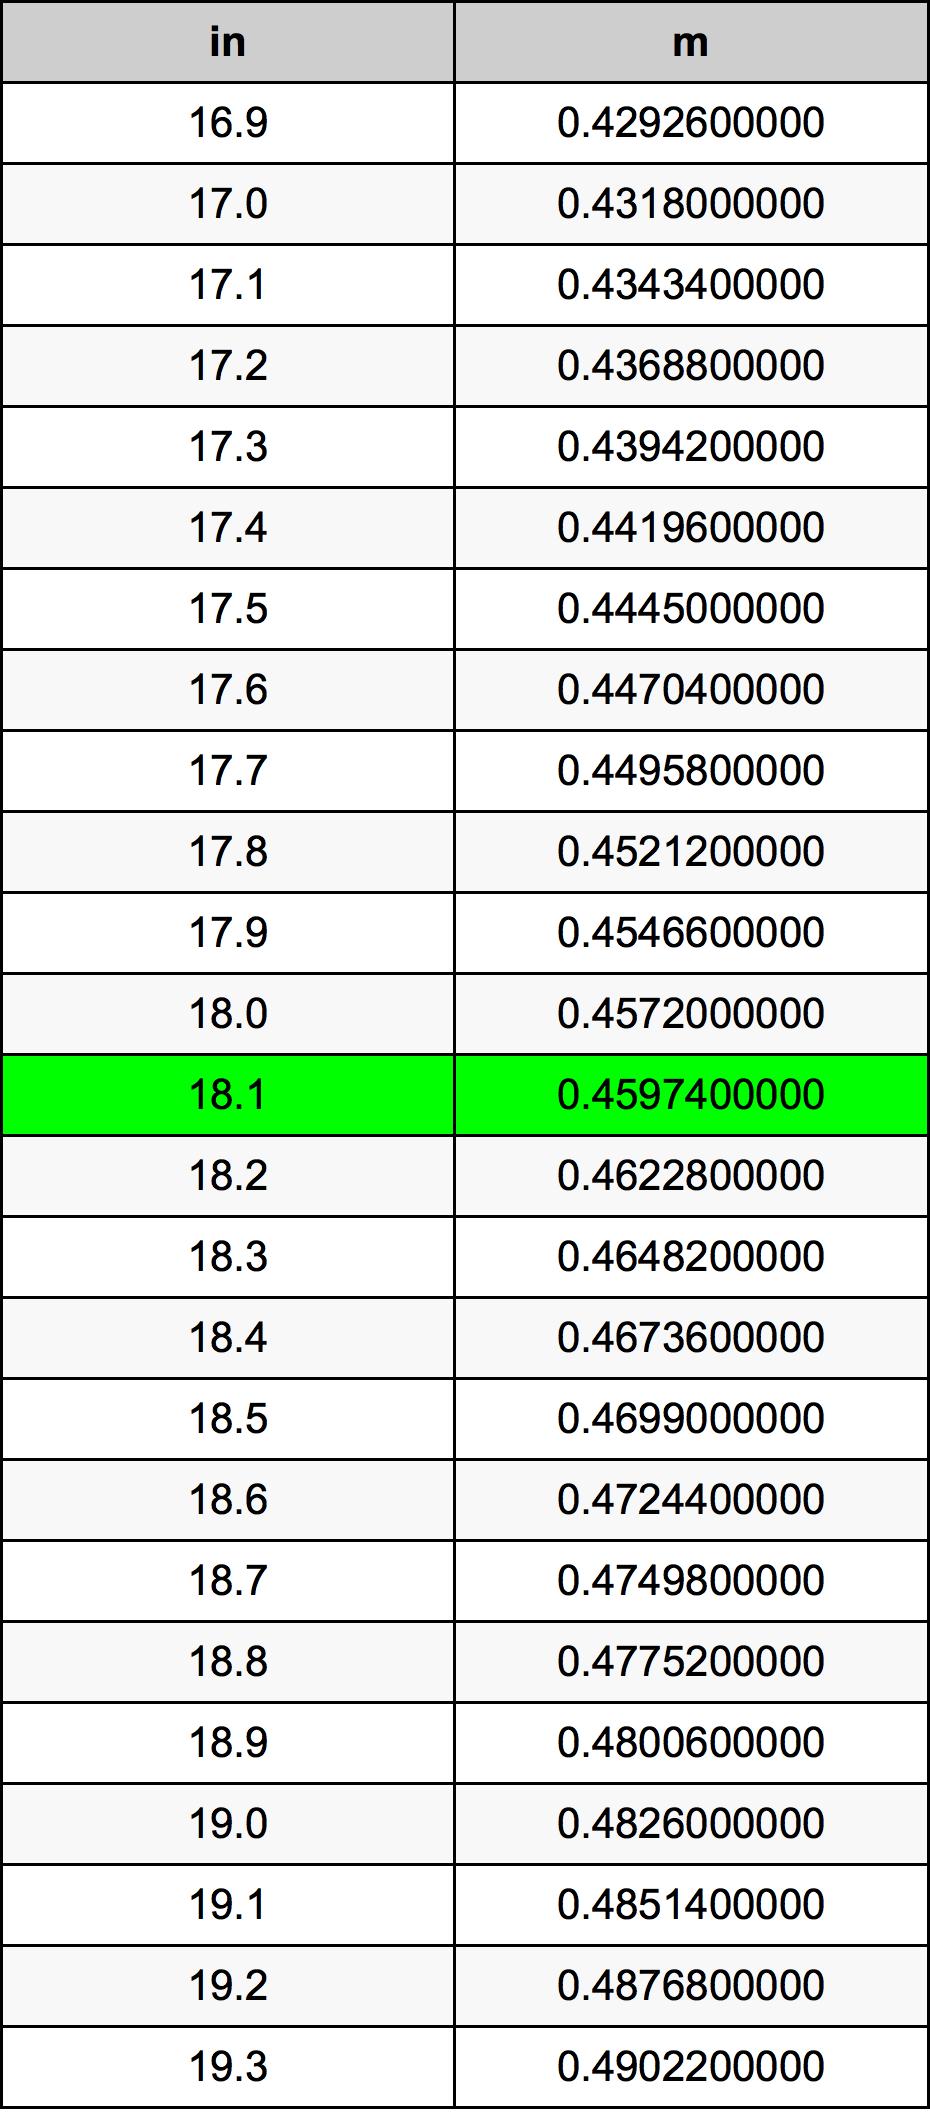 18.1 Țol tabelul de conversie